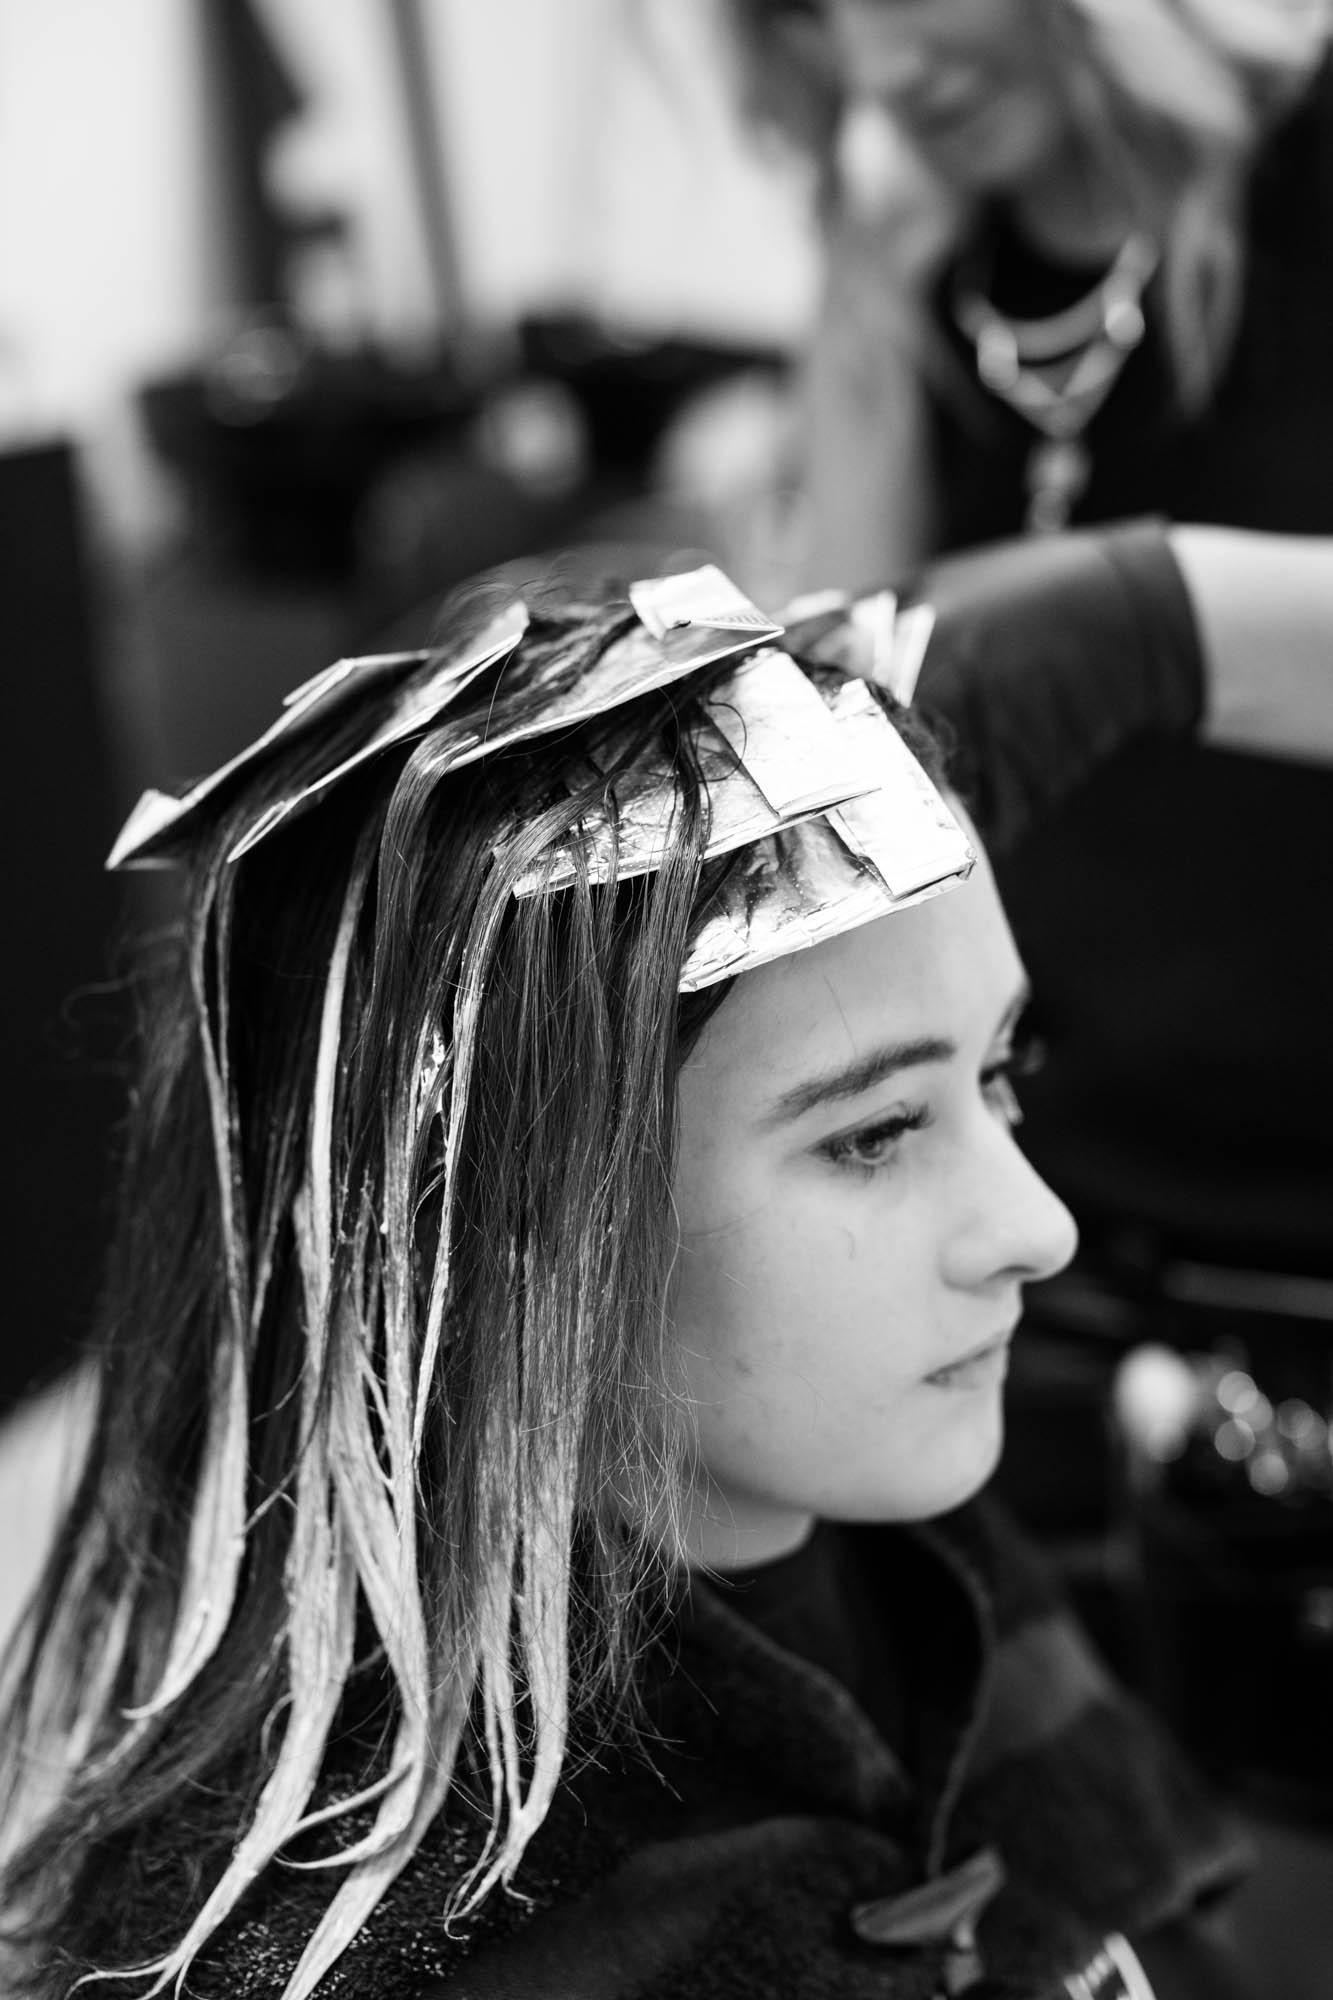 Models: Abbey & Natalie //Hair:  Melissa Bell  -  Mayko Hair  // Makeup: Rene //Photography:  MARA Visuals